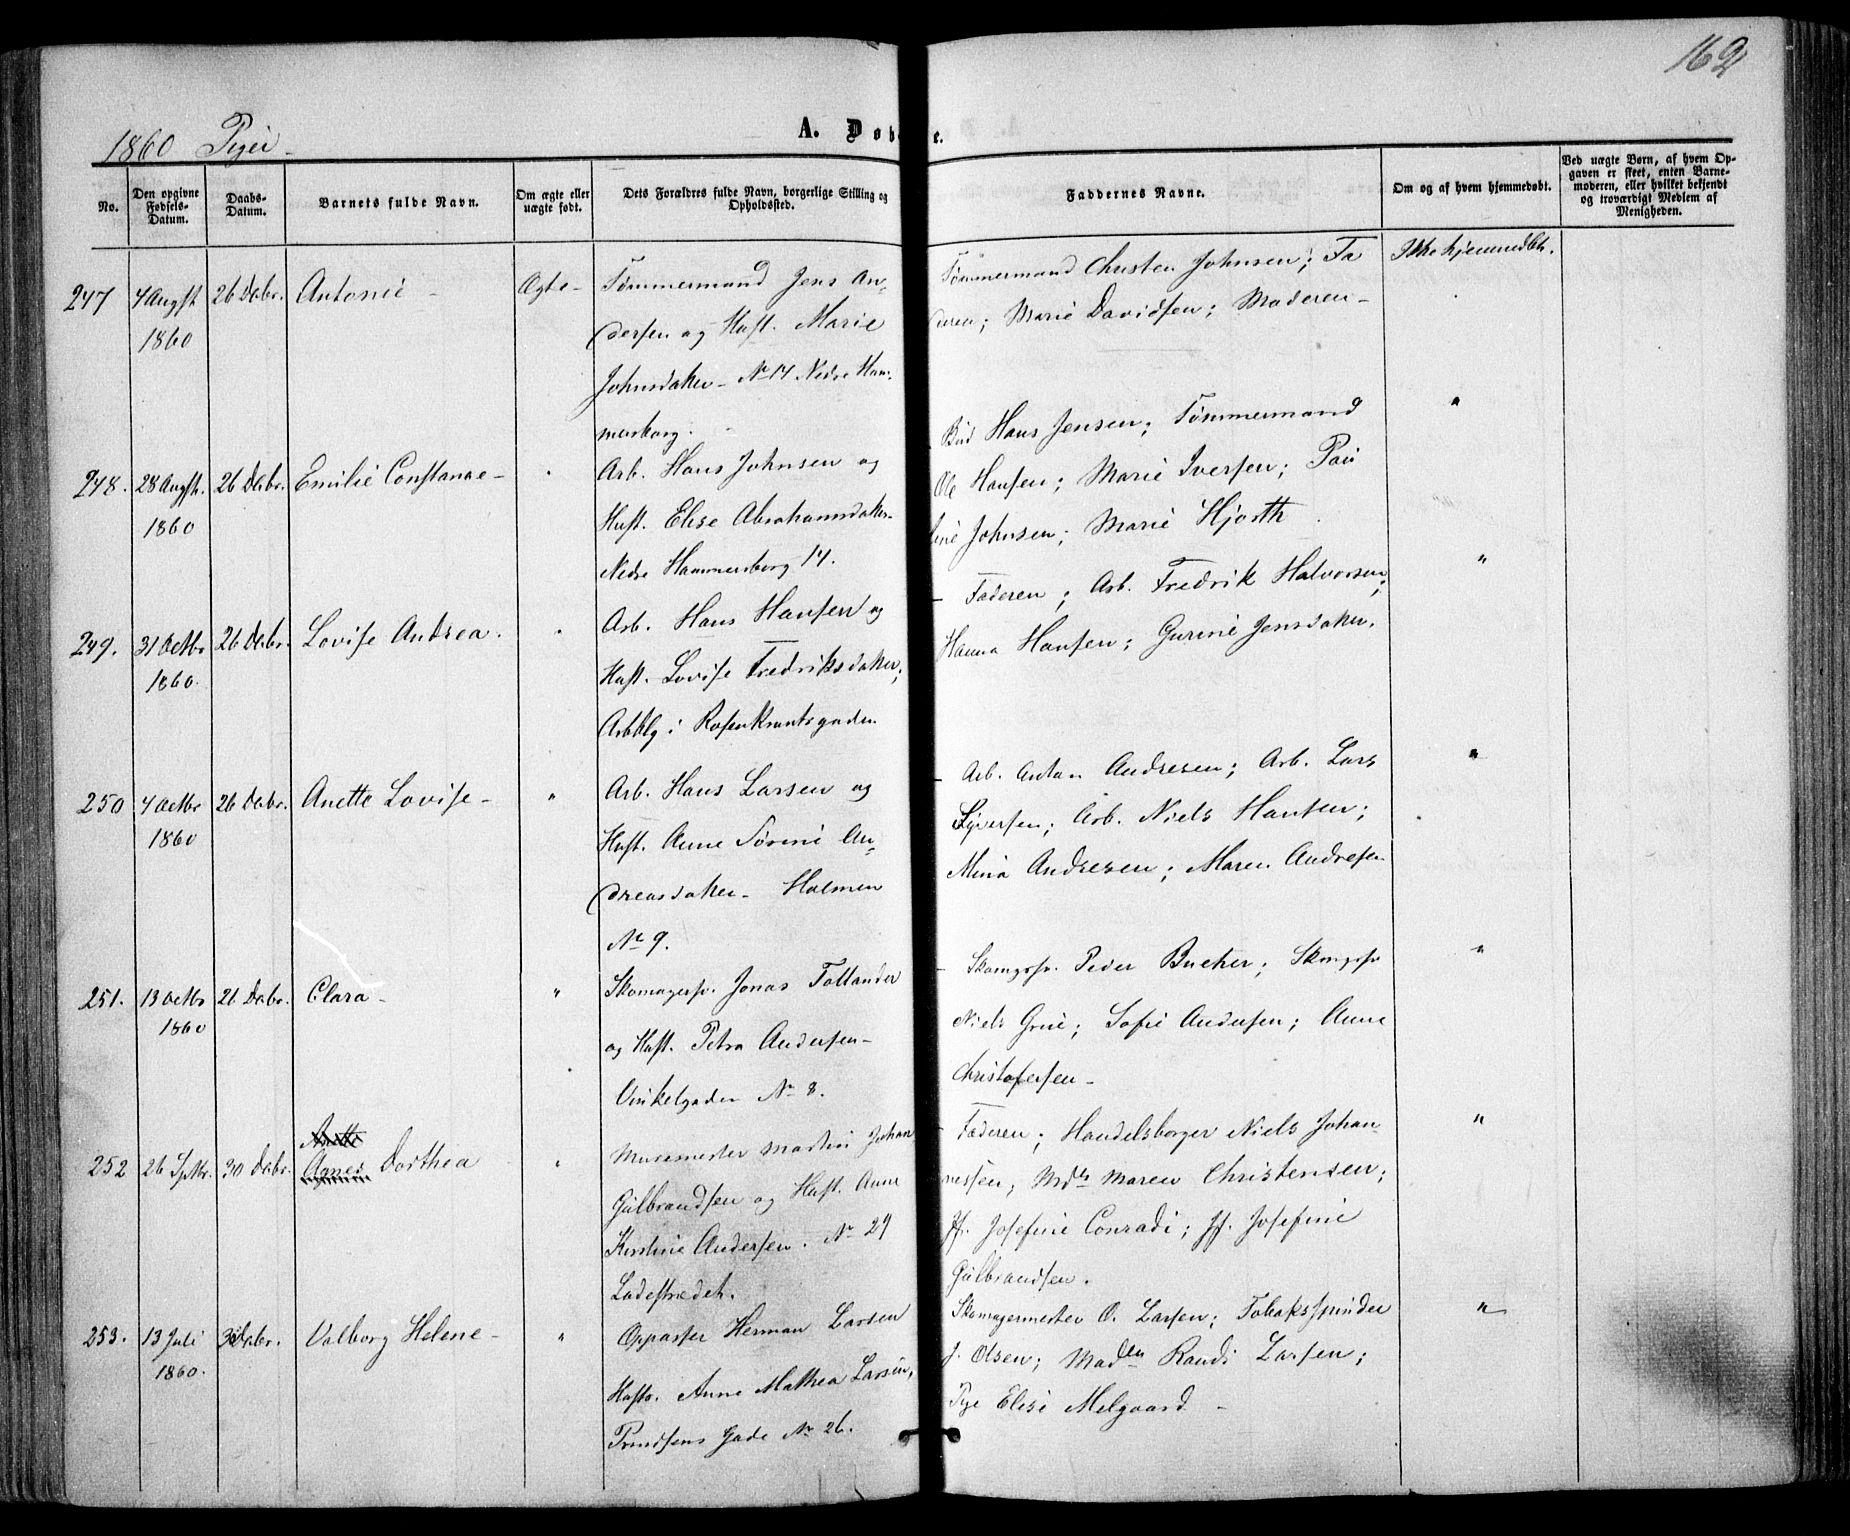 SAO, Trefoldighet prestekontor Kirkebøker, F/Fa/L0001: Ministerialbok nr. I 1, 1858-1863, s. 162